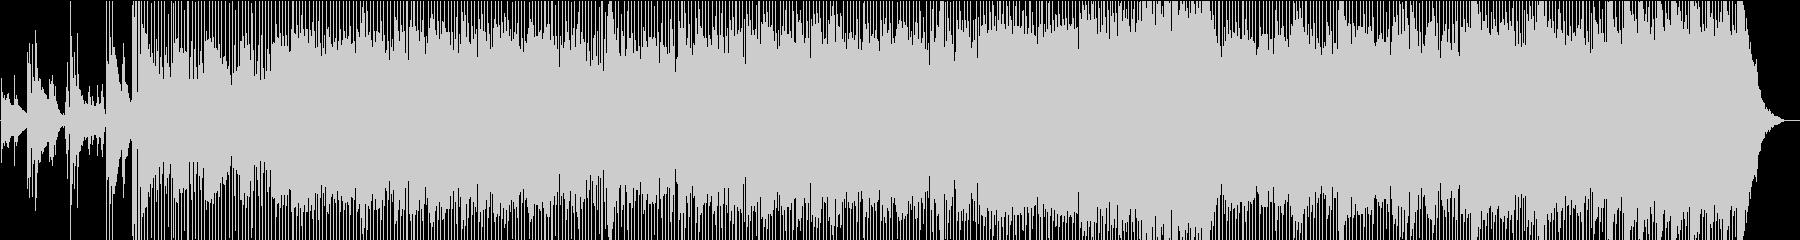 サウンドトラックブルースは穏やかな...の未再生の波形